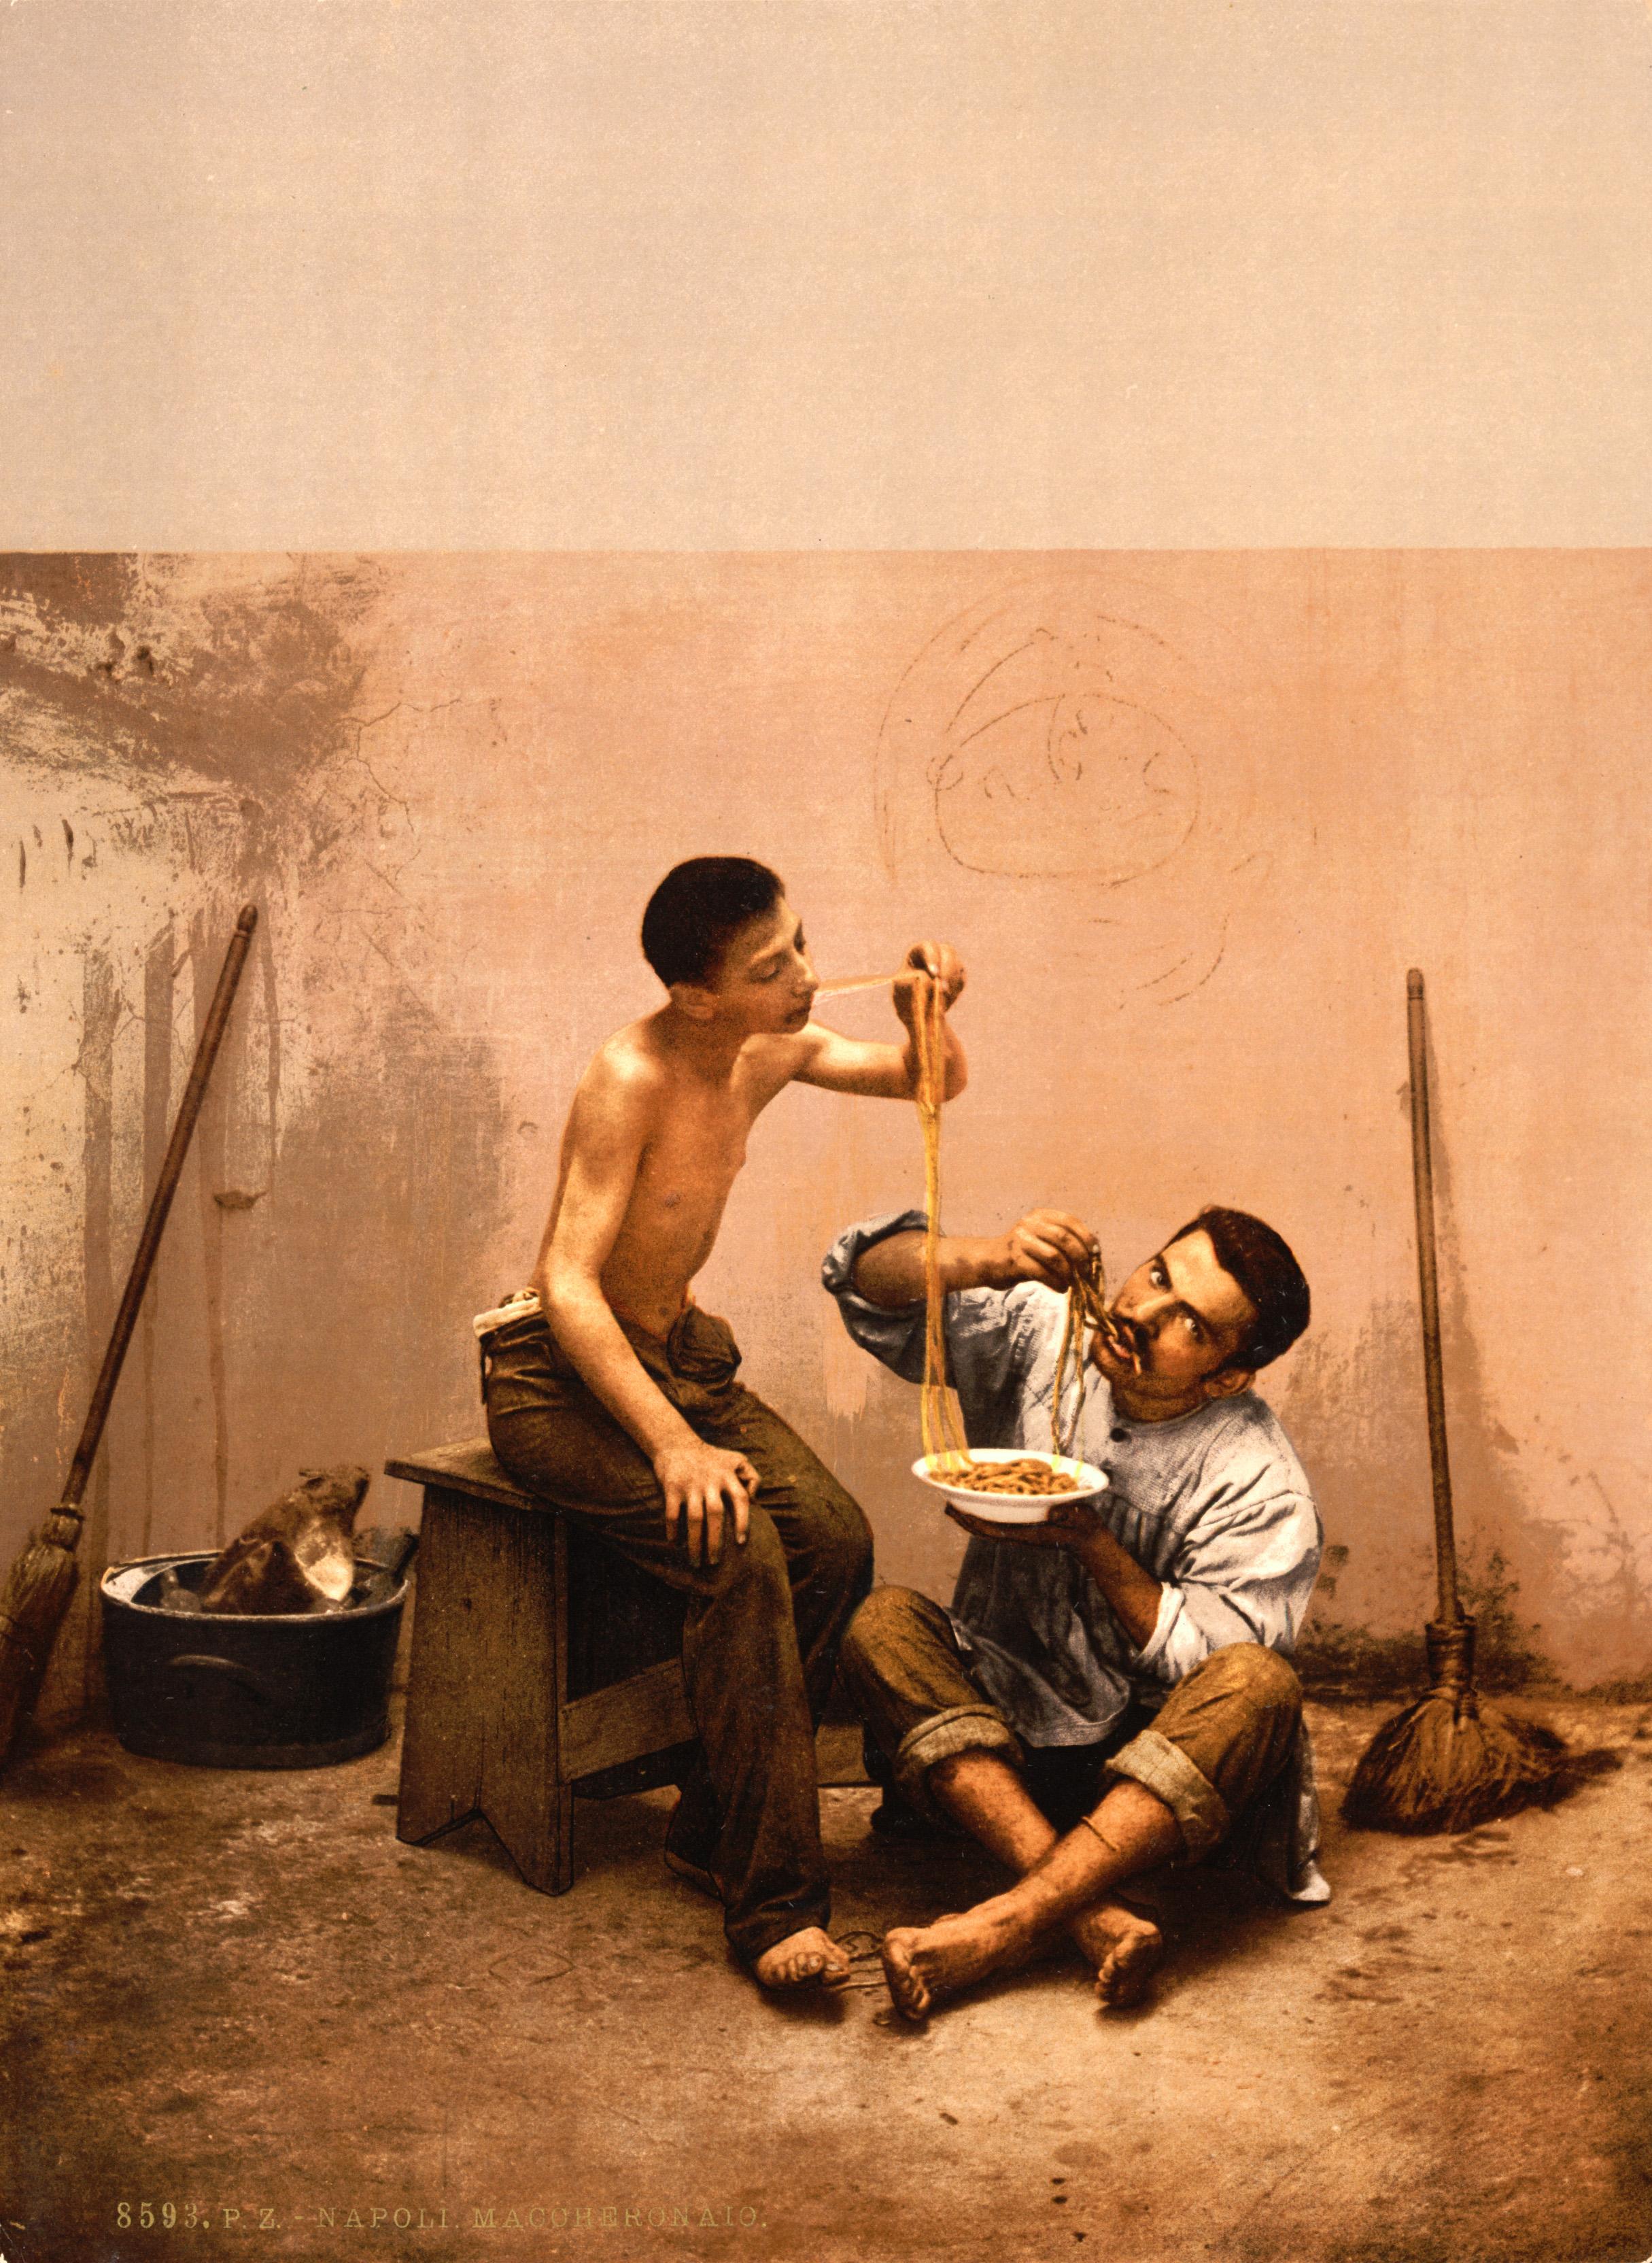 ... - …trialsanderrors - Macaroni eaters, Napoli, Italy, ca. 1895.jpg